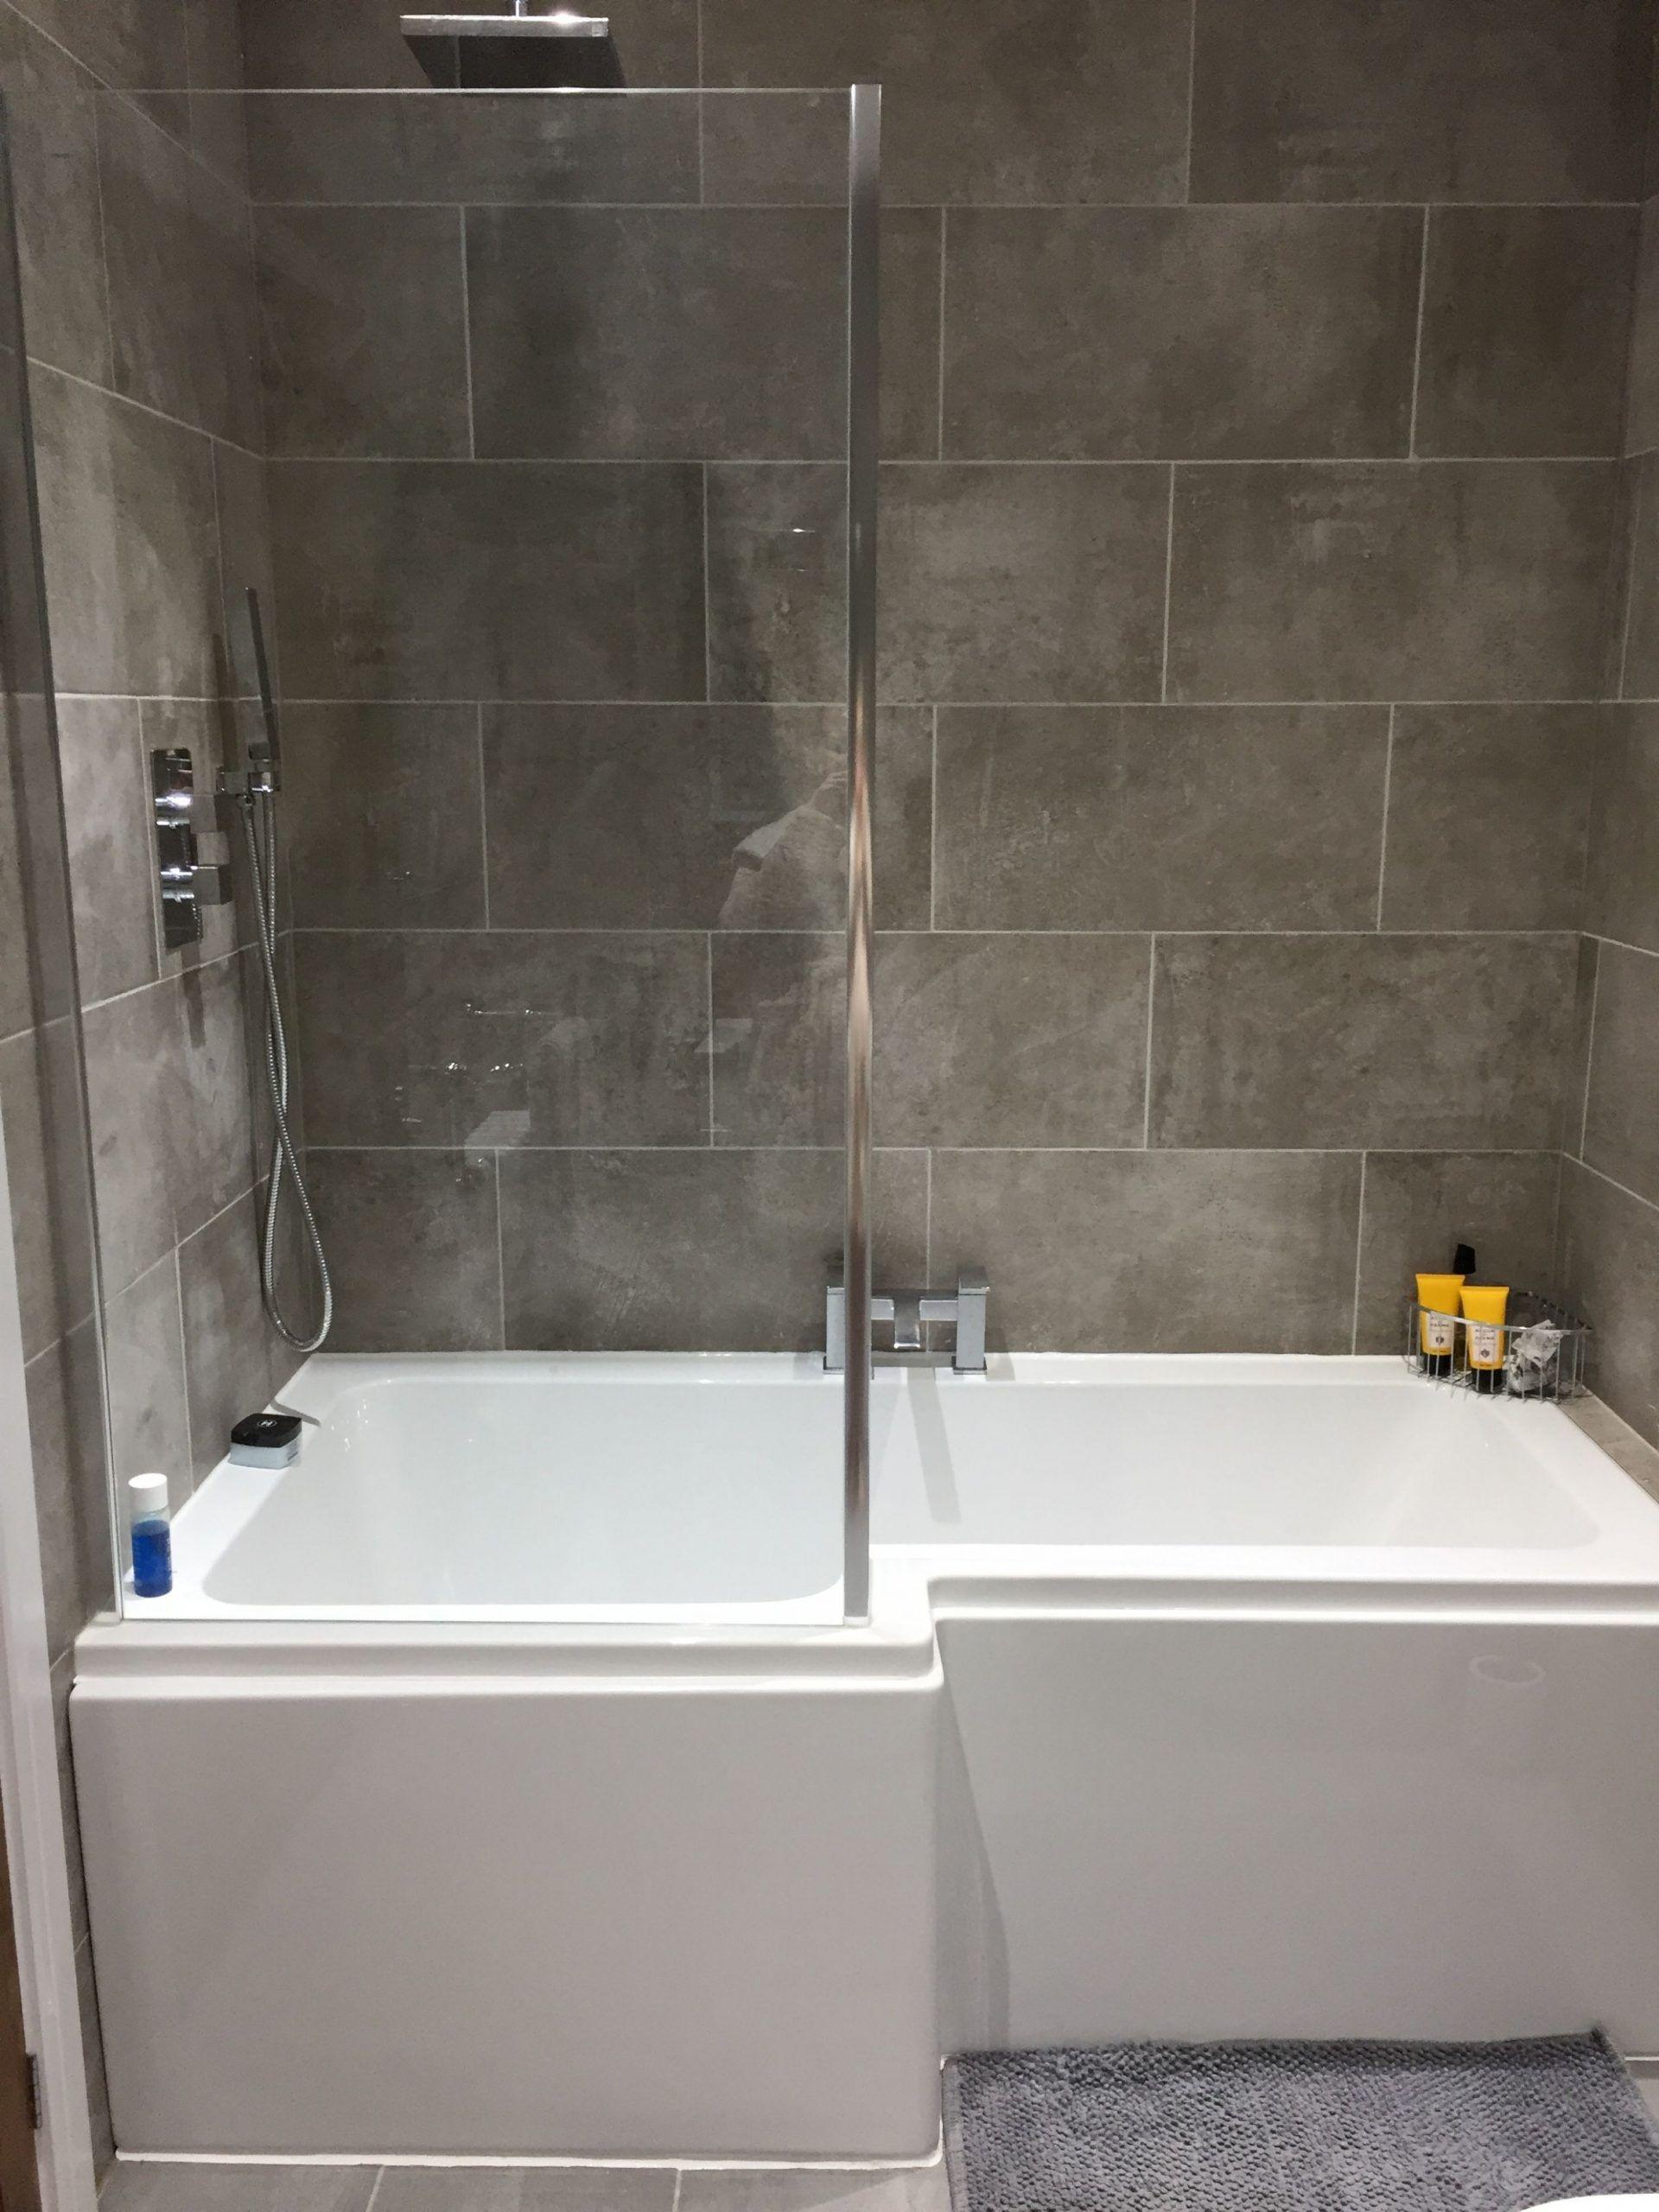 L Shaped Bath Bathroom Ideas in 2020 | L shaped bathroom ...